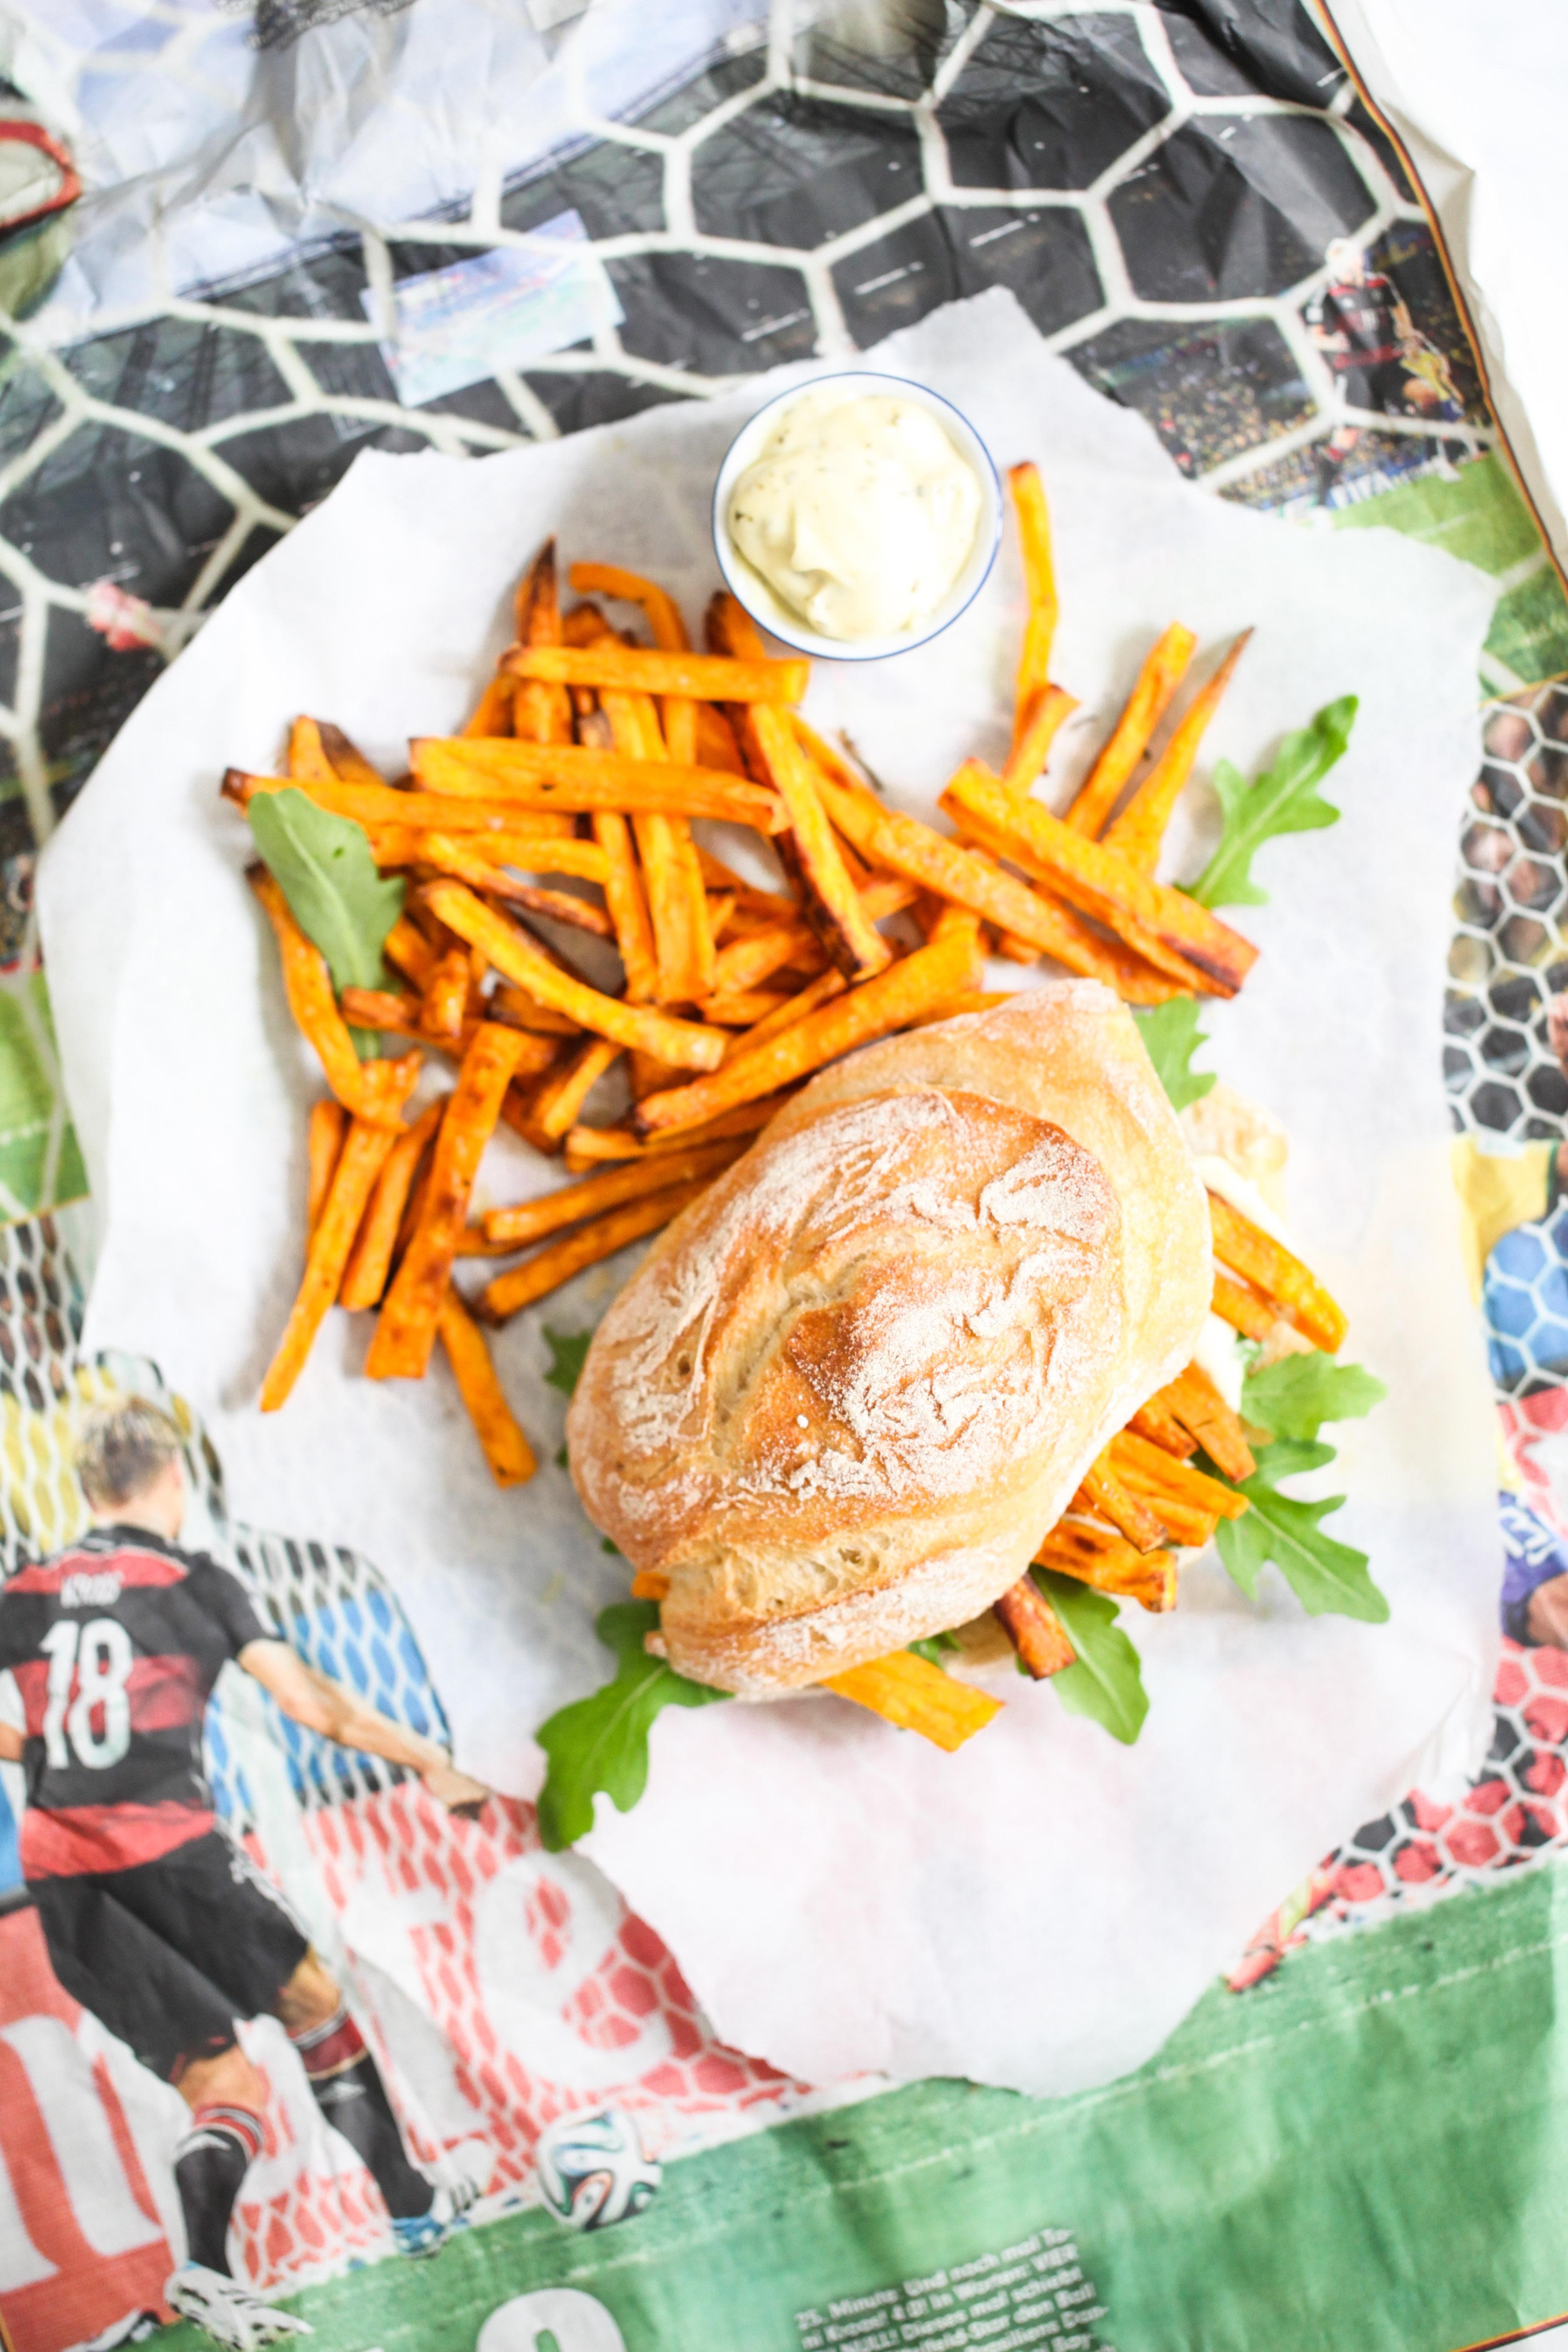 Süsskartoffel Pommer Sandwich Chip Butty Sweet potato recipe Rezept Stulle der Woche Zuckerzimtundliebe